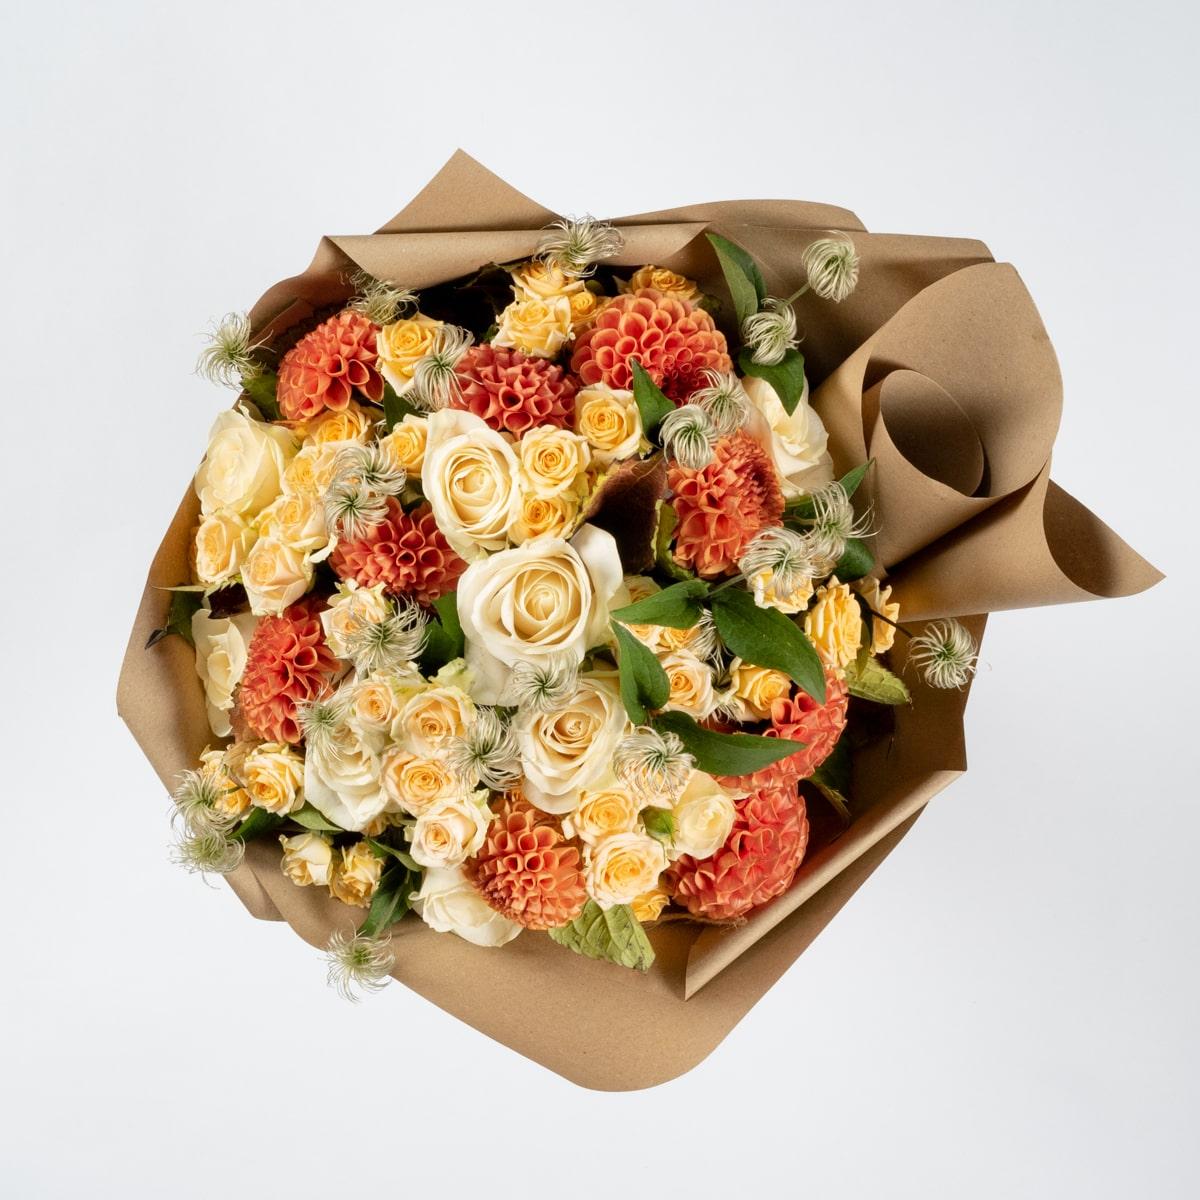 Bloom Flower Delivery | Sandbanks Bouquet